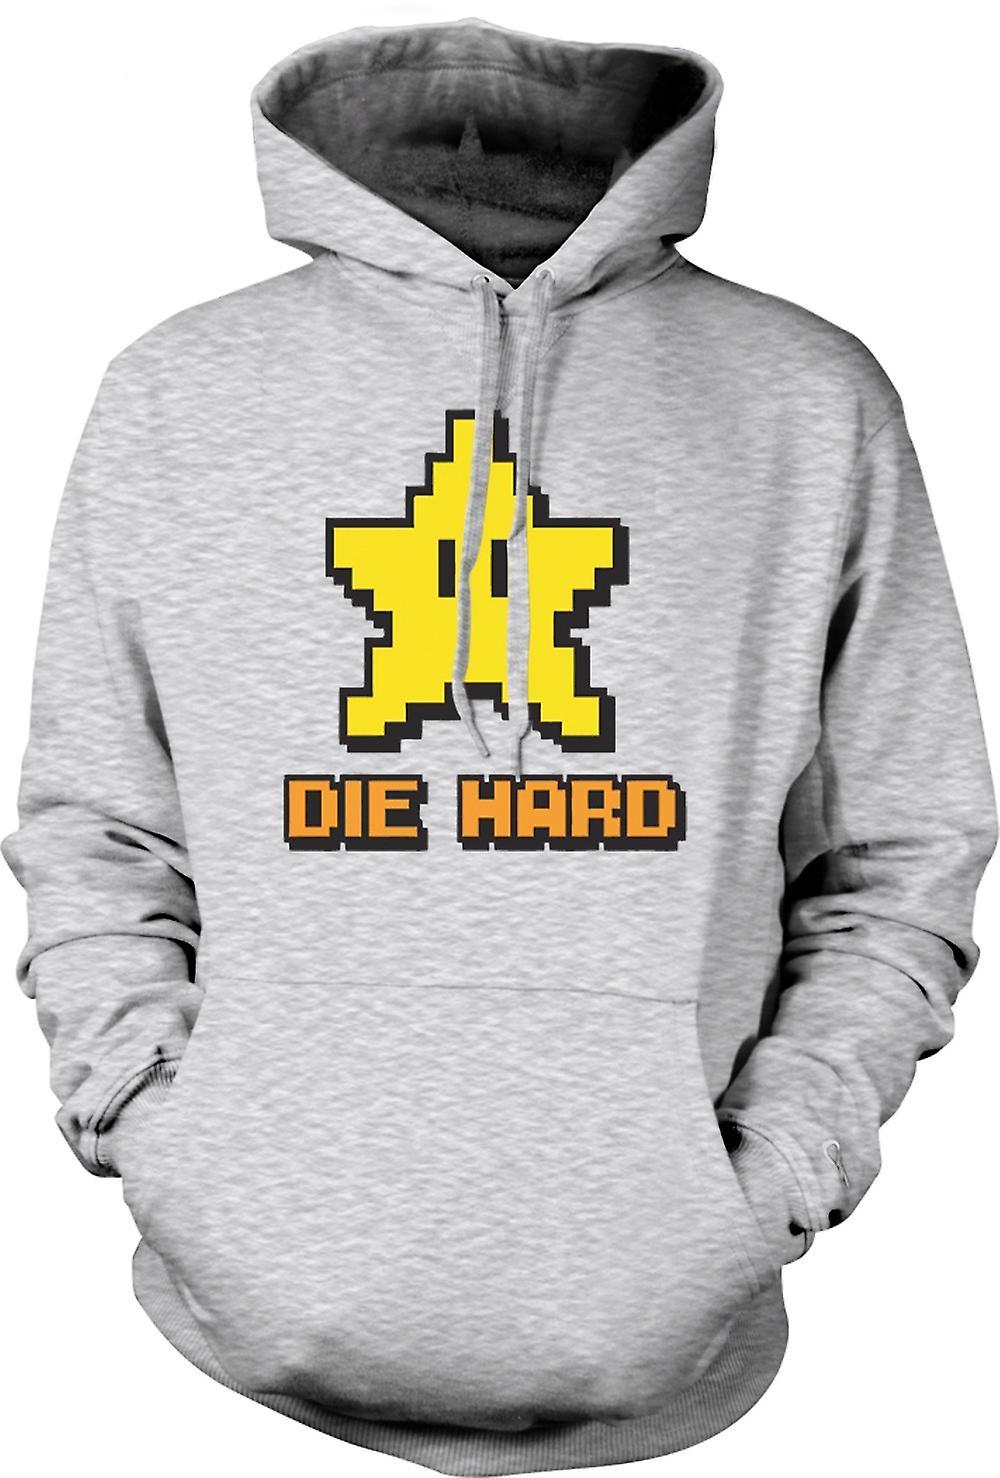 Mens Hoodie - Die Hard - Pacman - preventivo